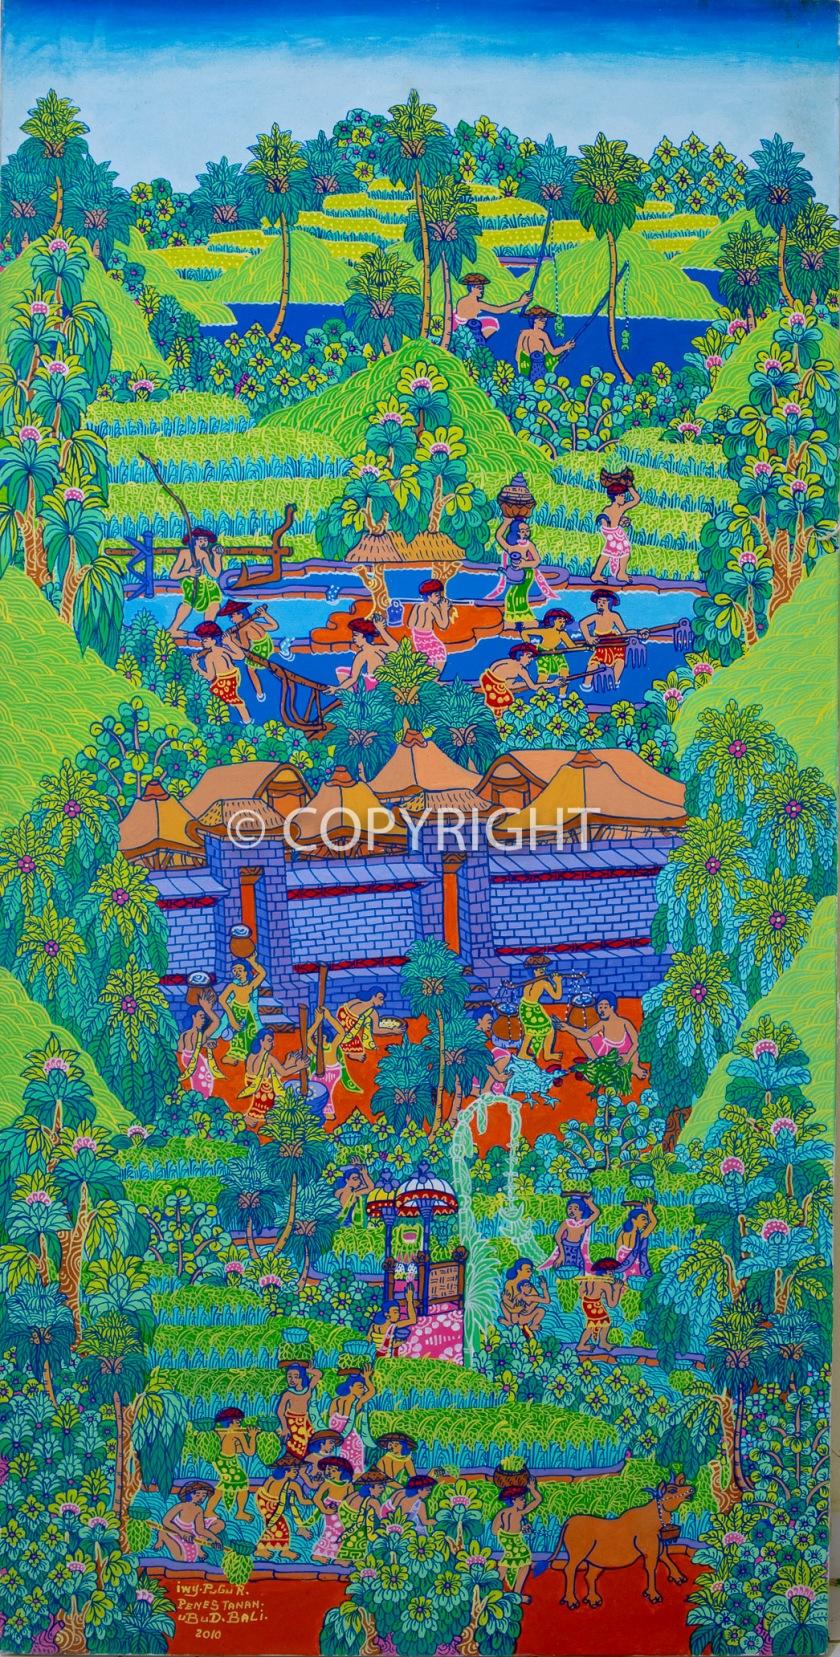 Balinese-art-acrylics-i-wayan-pugur-painting-1505